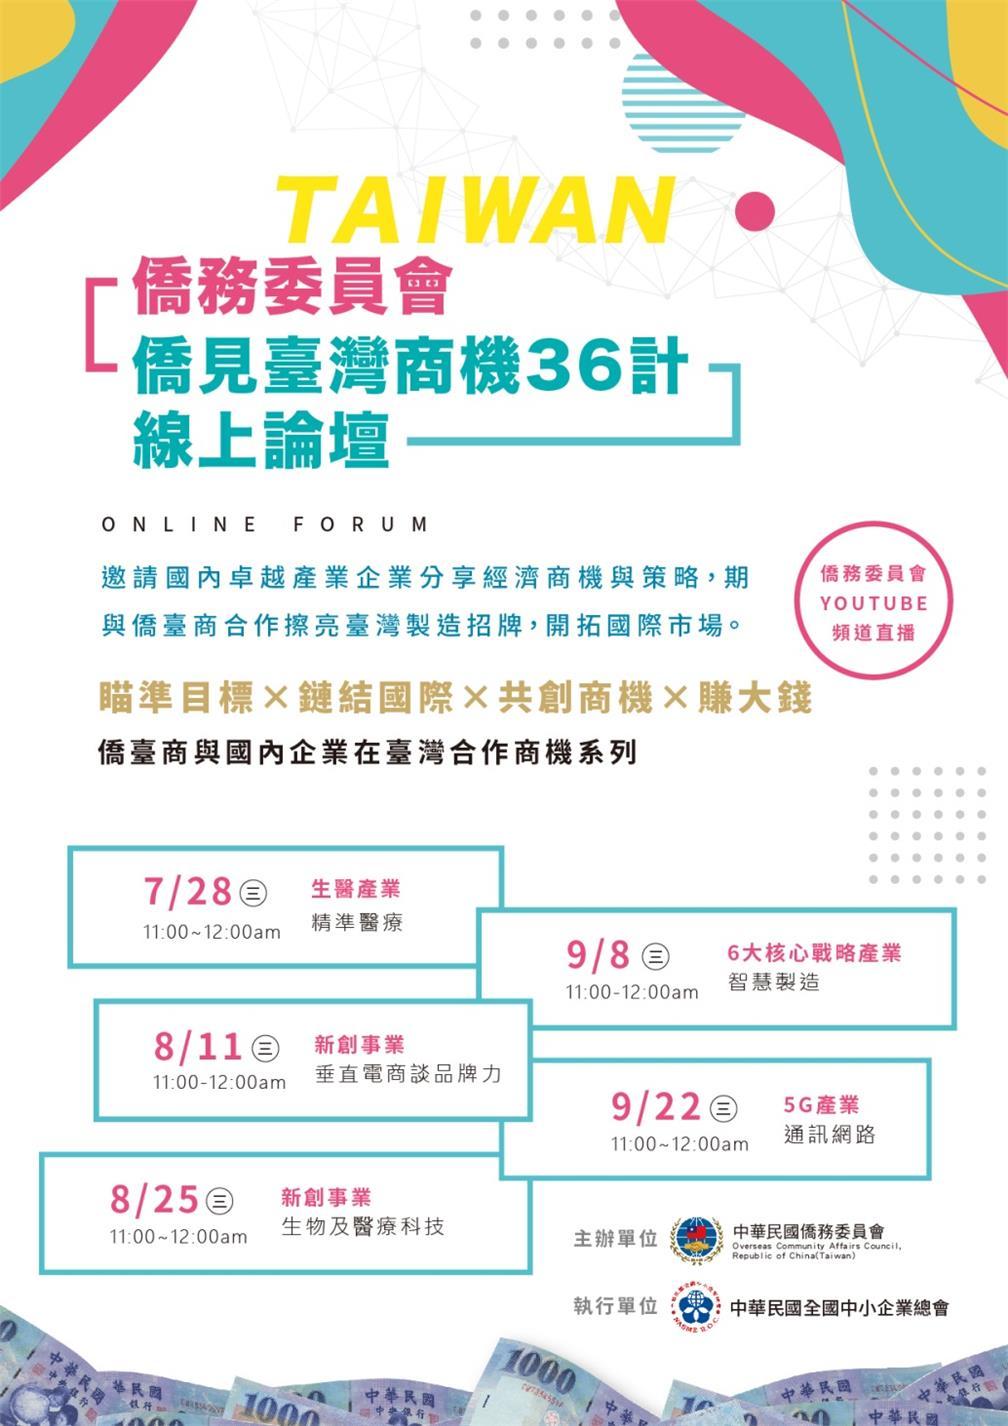 「侨见臺湾商机36计」线上论坛 EDM